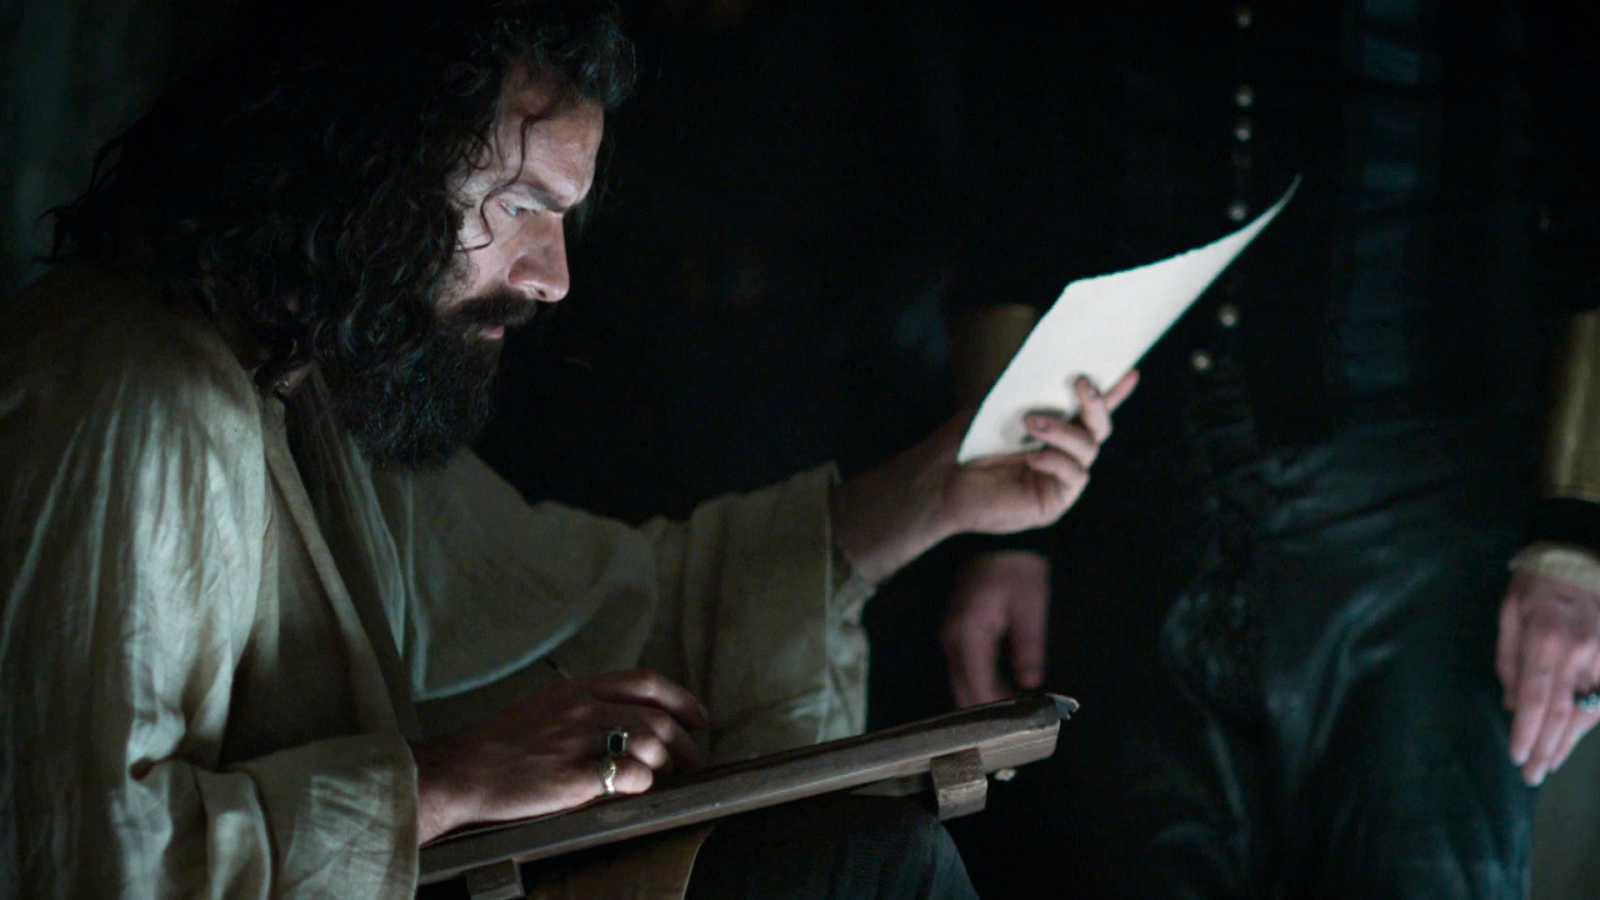 Leonardo - Así comienza el capítulo 7 de la serie